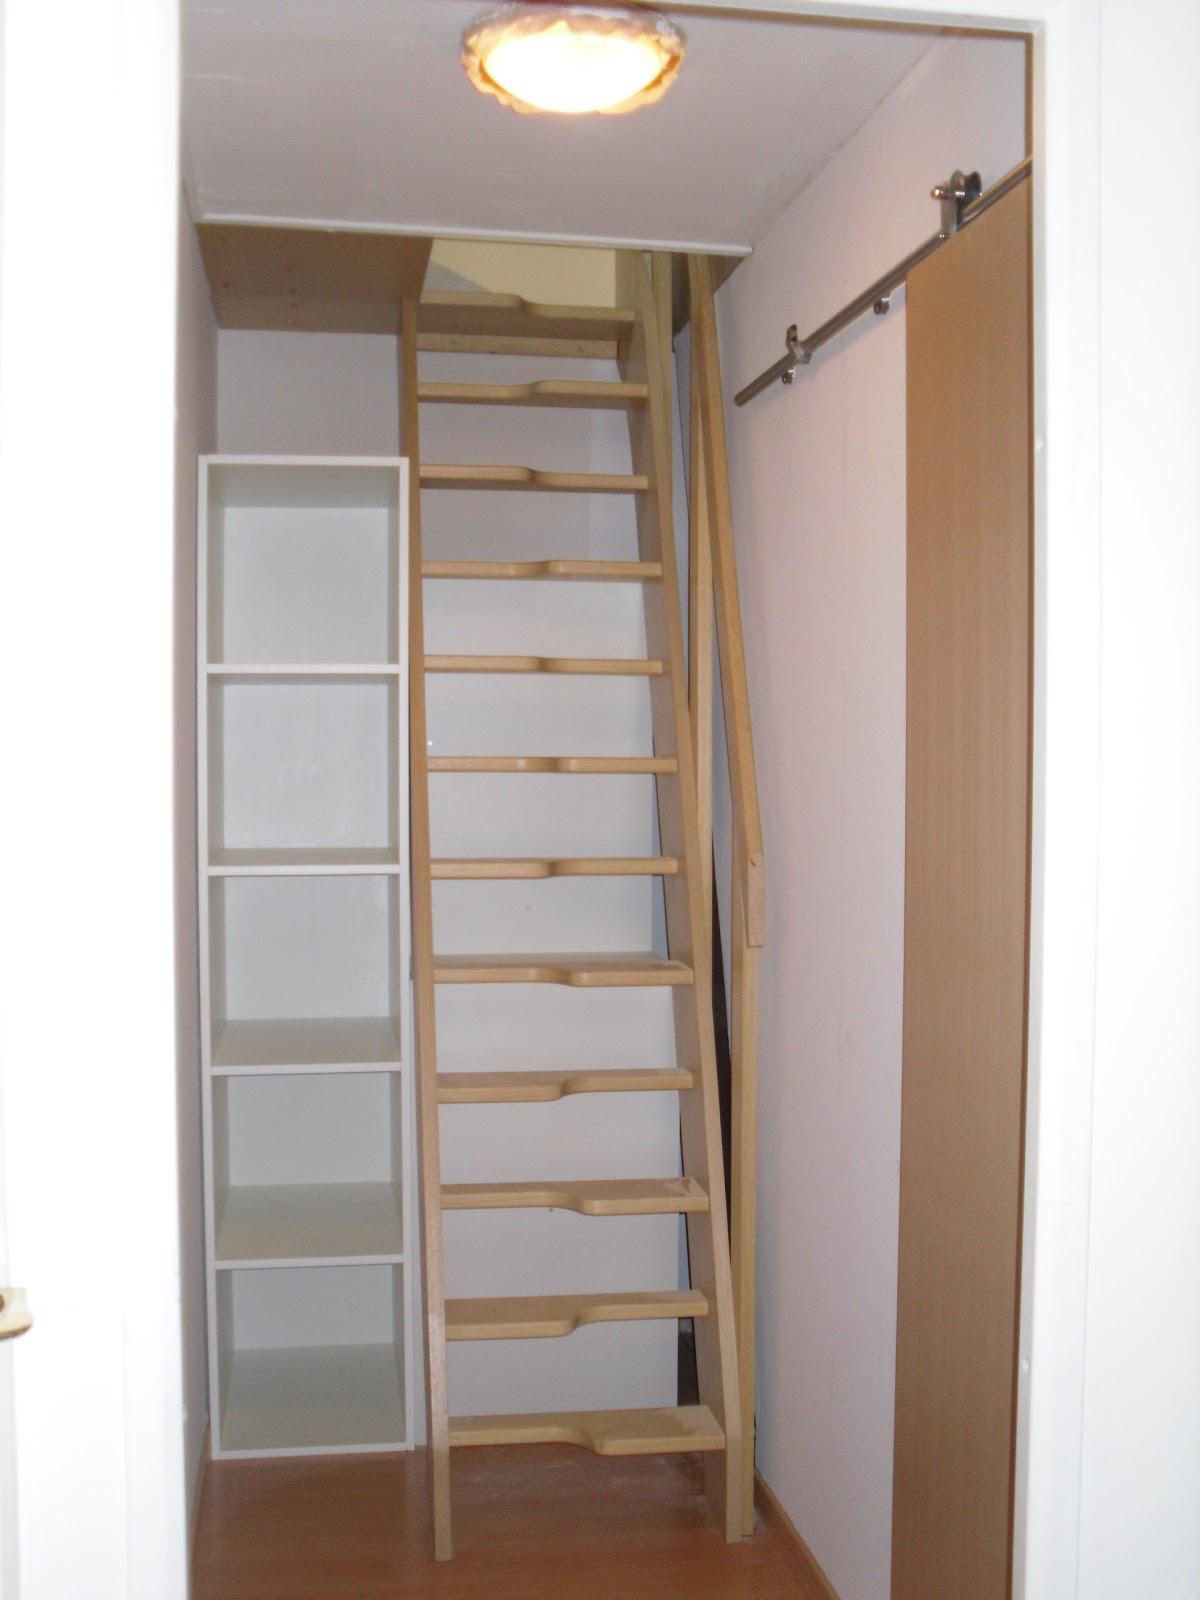 Adc l 39 atelier d 39 c t am nagement int rieur design d 39 espace e - Escalier a pas decales ...